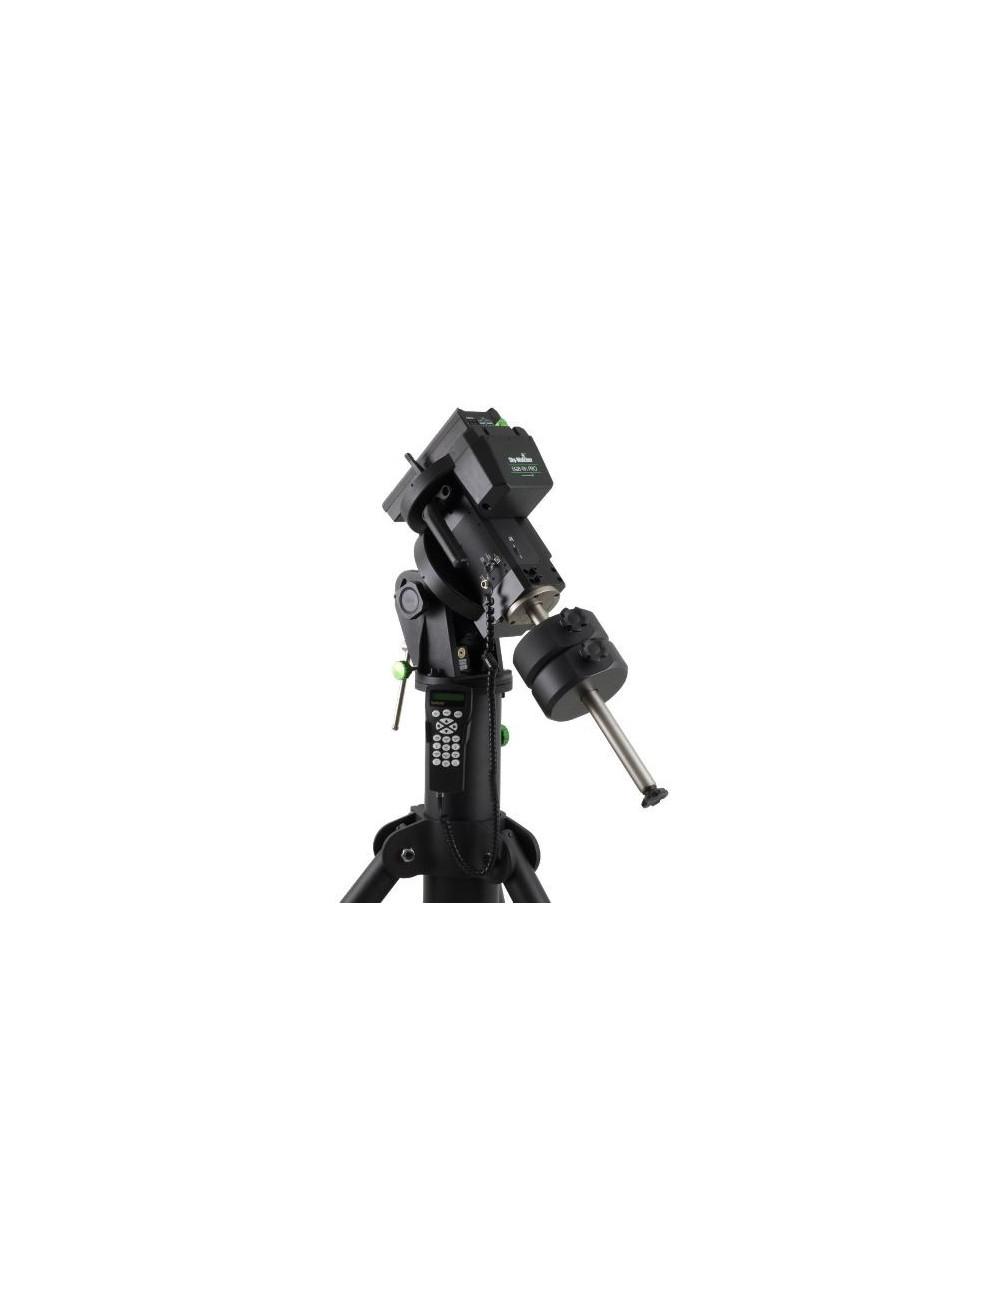 Monture équatoriale EQ8-RH Sky-Watcher avec trépied